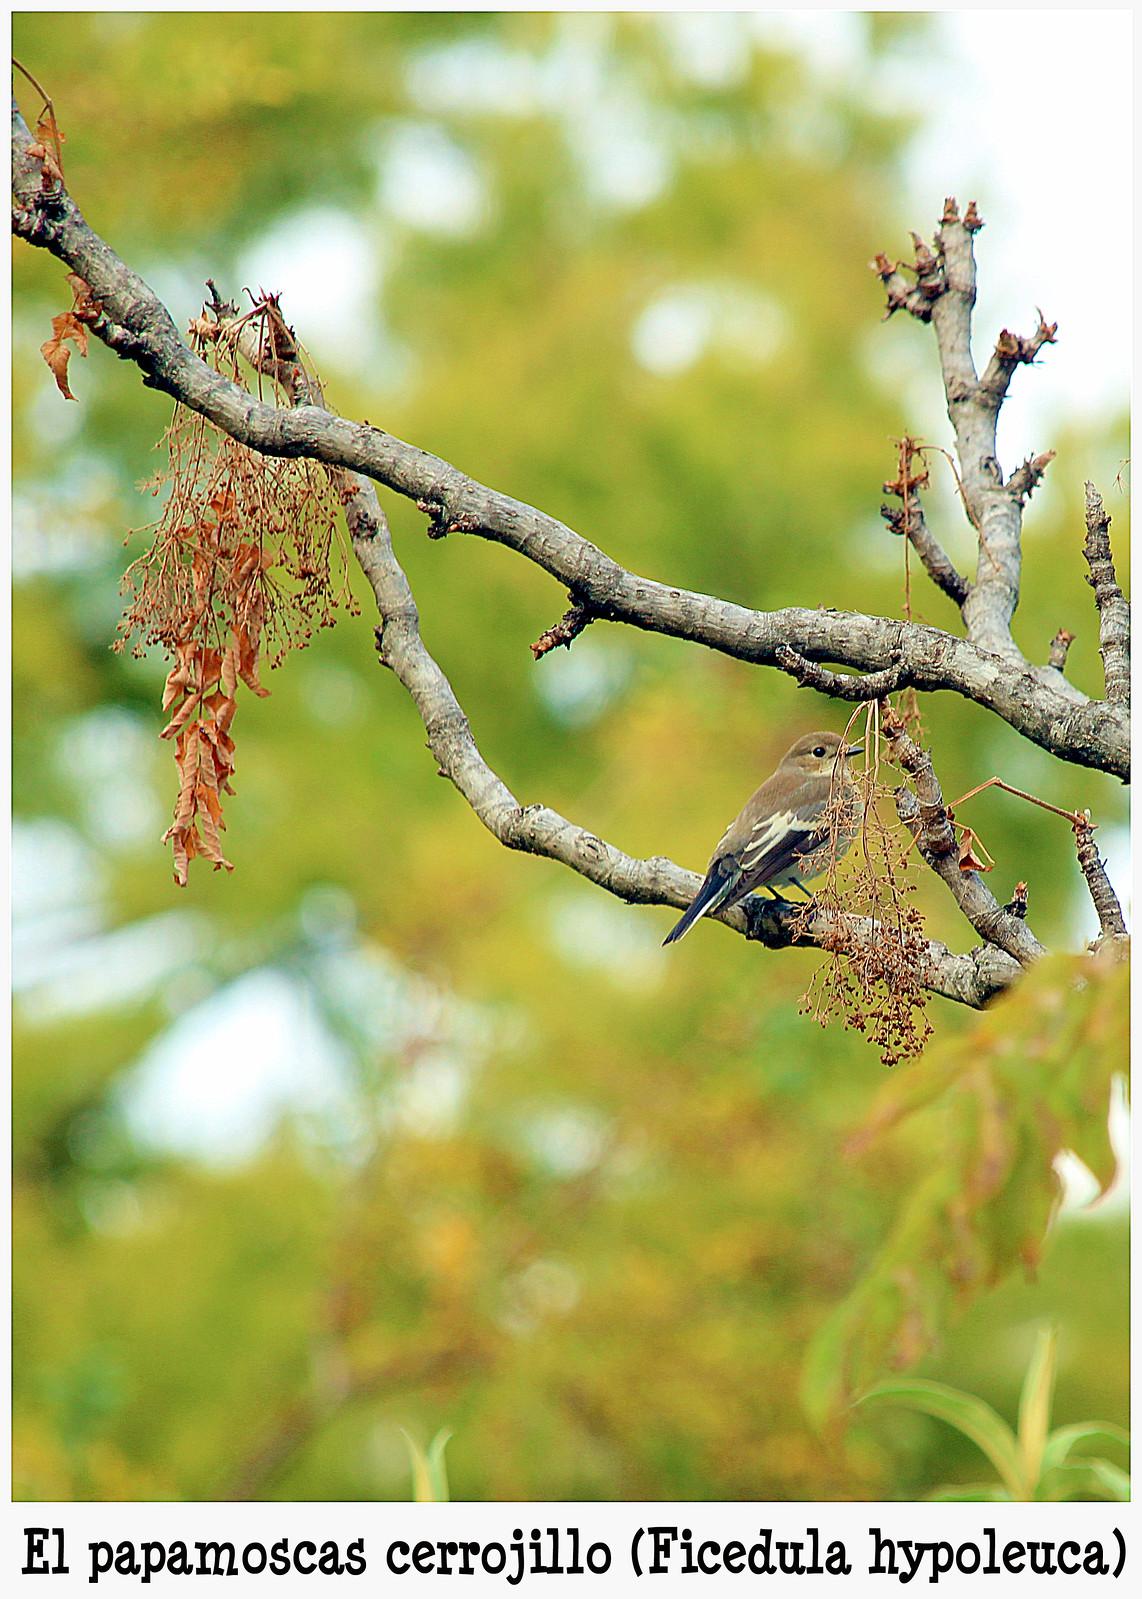 El papamoscas cerrojillo (Ficedula hypoleuca)